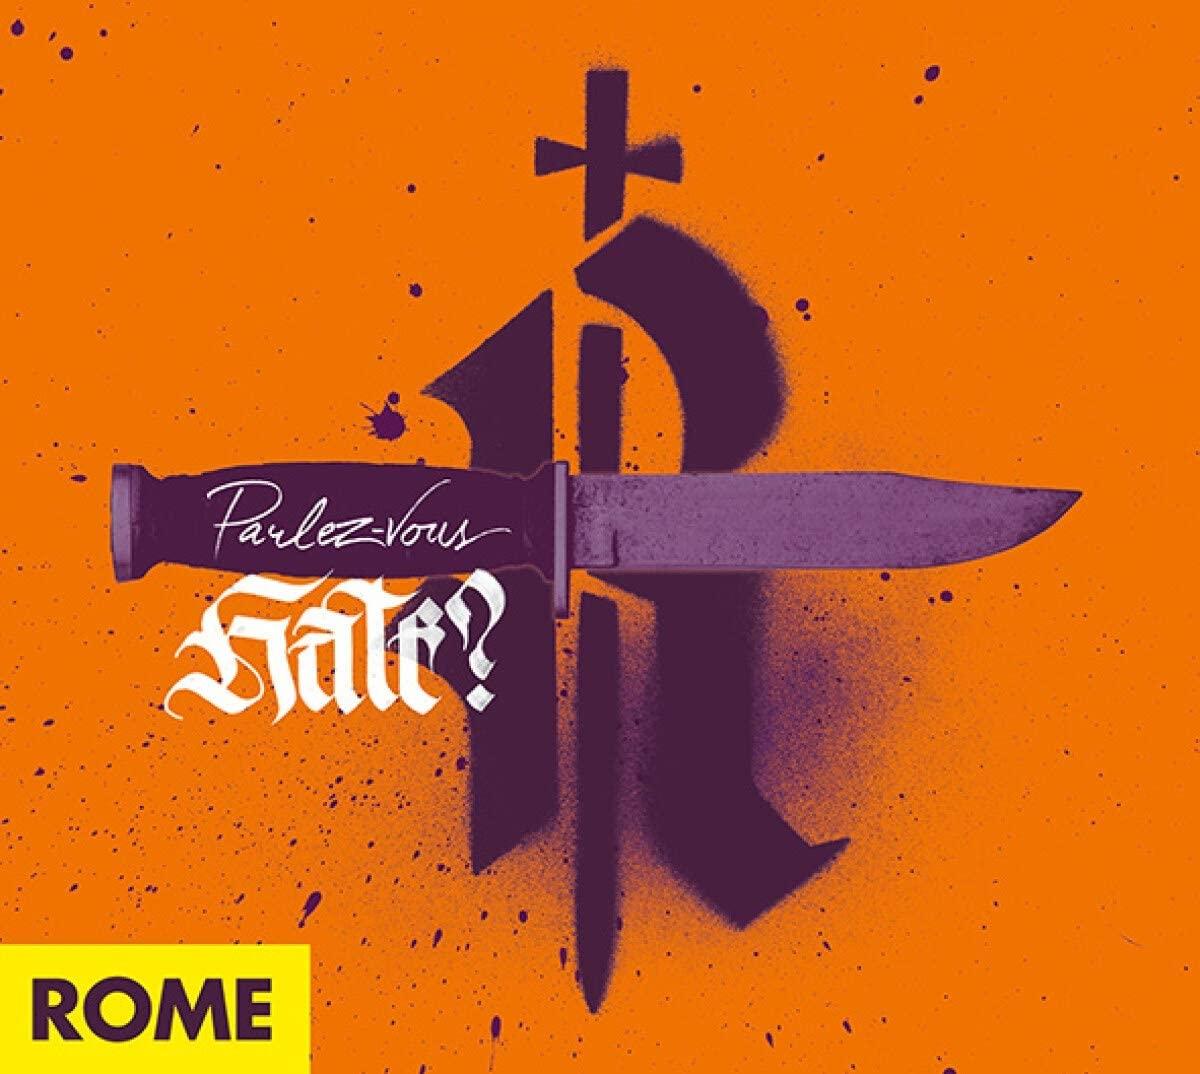 Review: Rome – Parlez-Vous Hate?